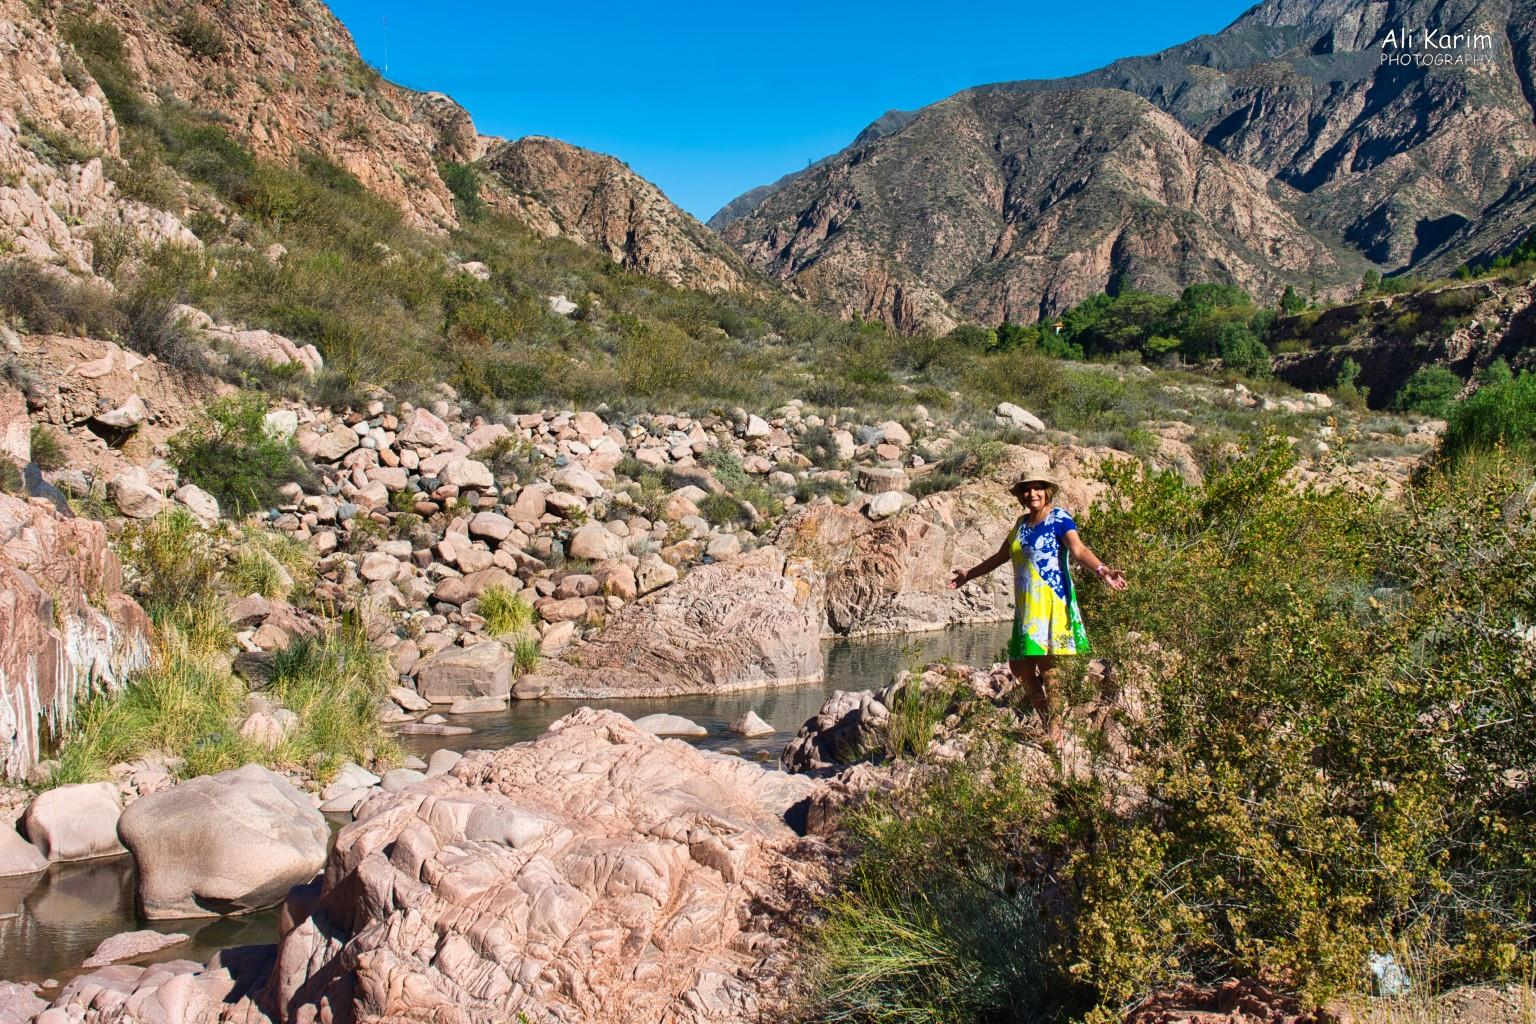 Mendoza, Argentina Hiking trails by the Parque along the Rio Mendoza